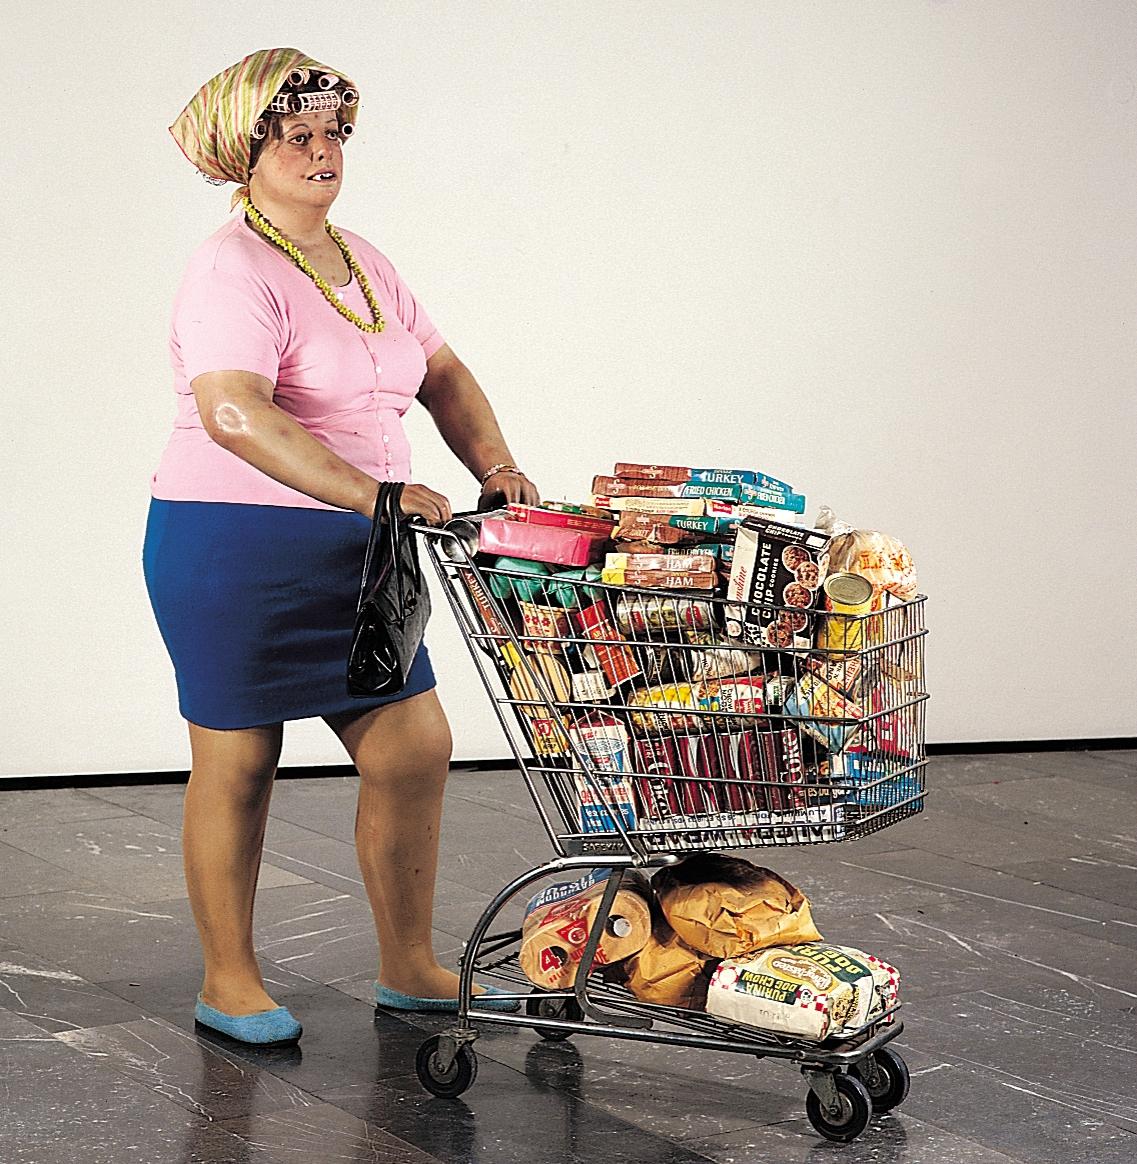 ドイツの国際芸術ルードウィッヒ・フォーラムが、デュアン・ハンソンの「スーパーマーケットレディ」の彫像を3Dスキャン